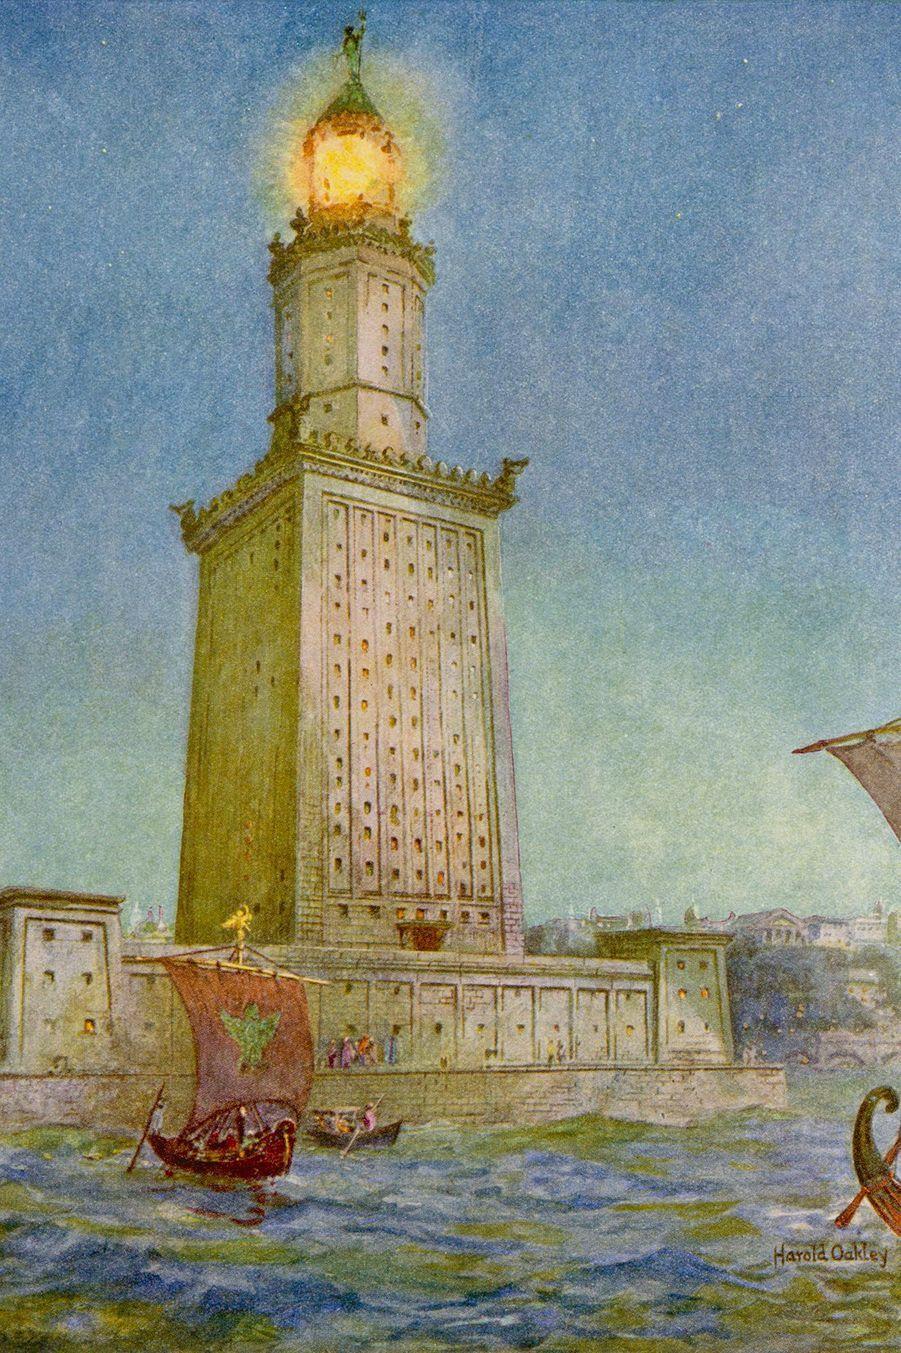 Peinture du phare d'Alexandrie (Égypte).